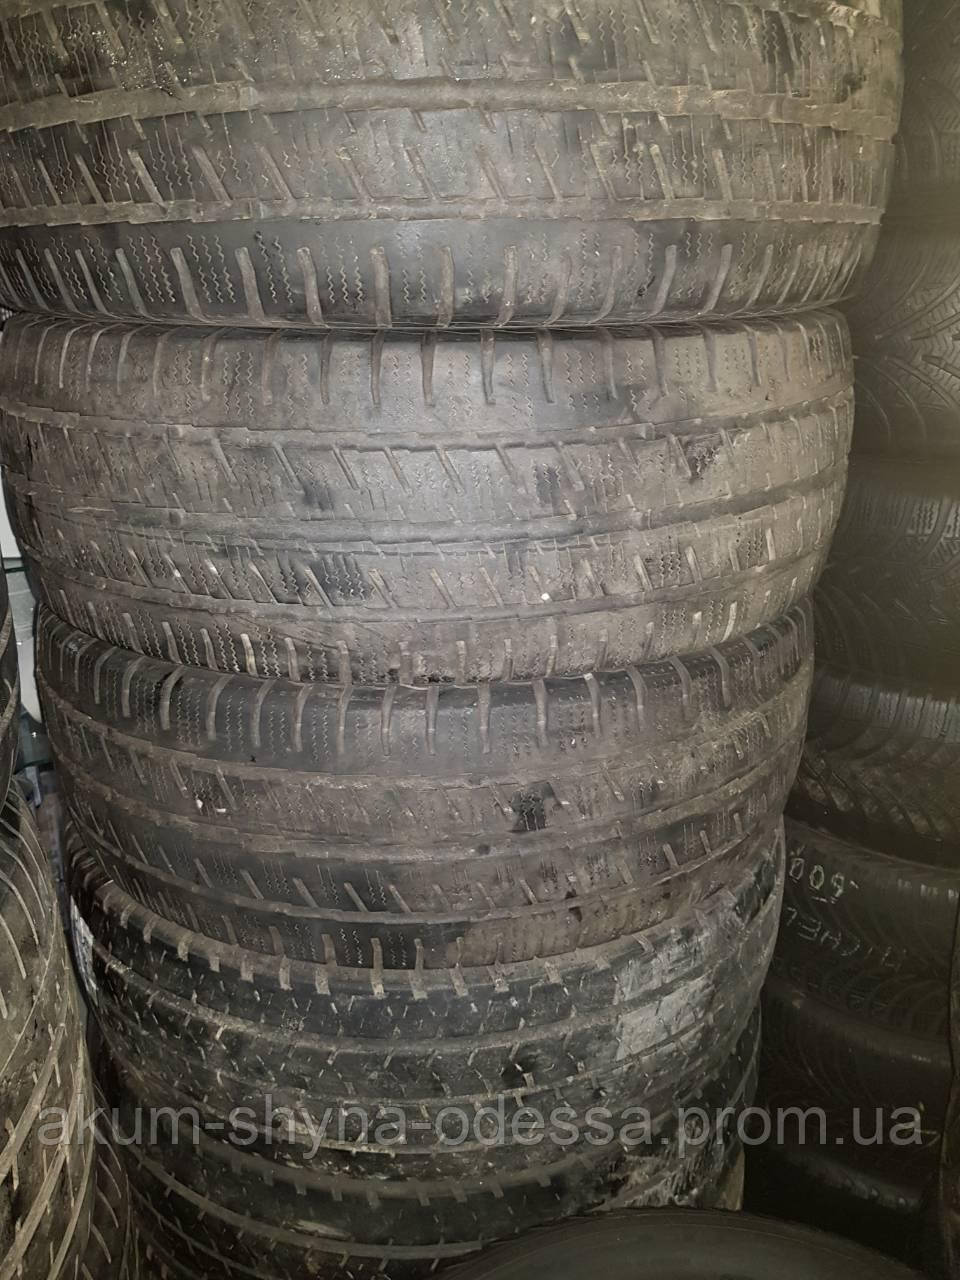 Шины зимние б/у 235/65 R16C Barum комплект 6мм